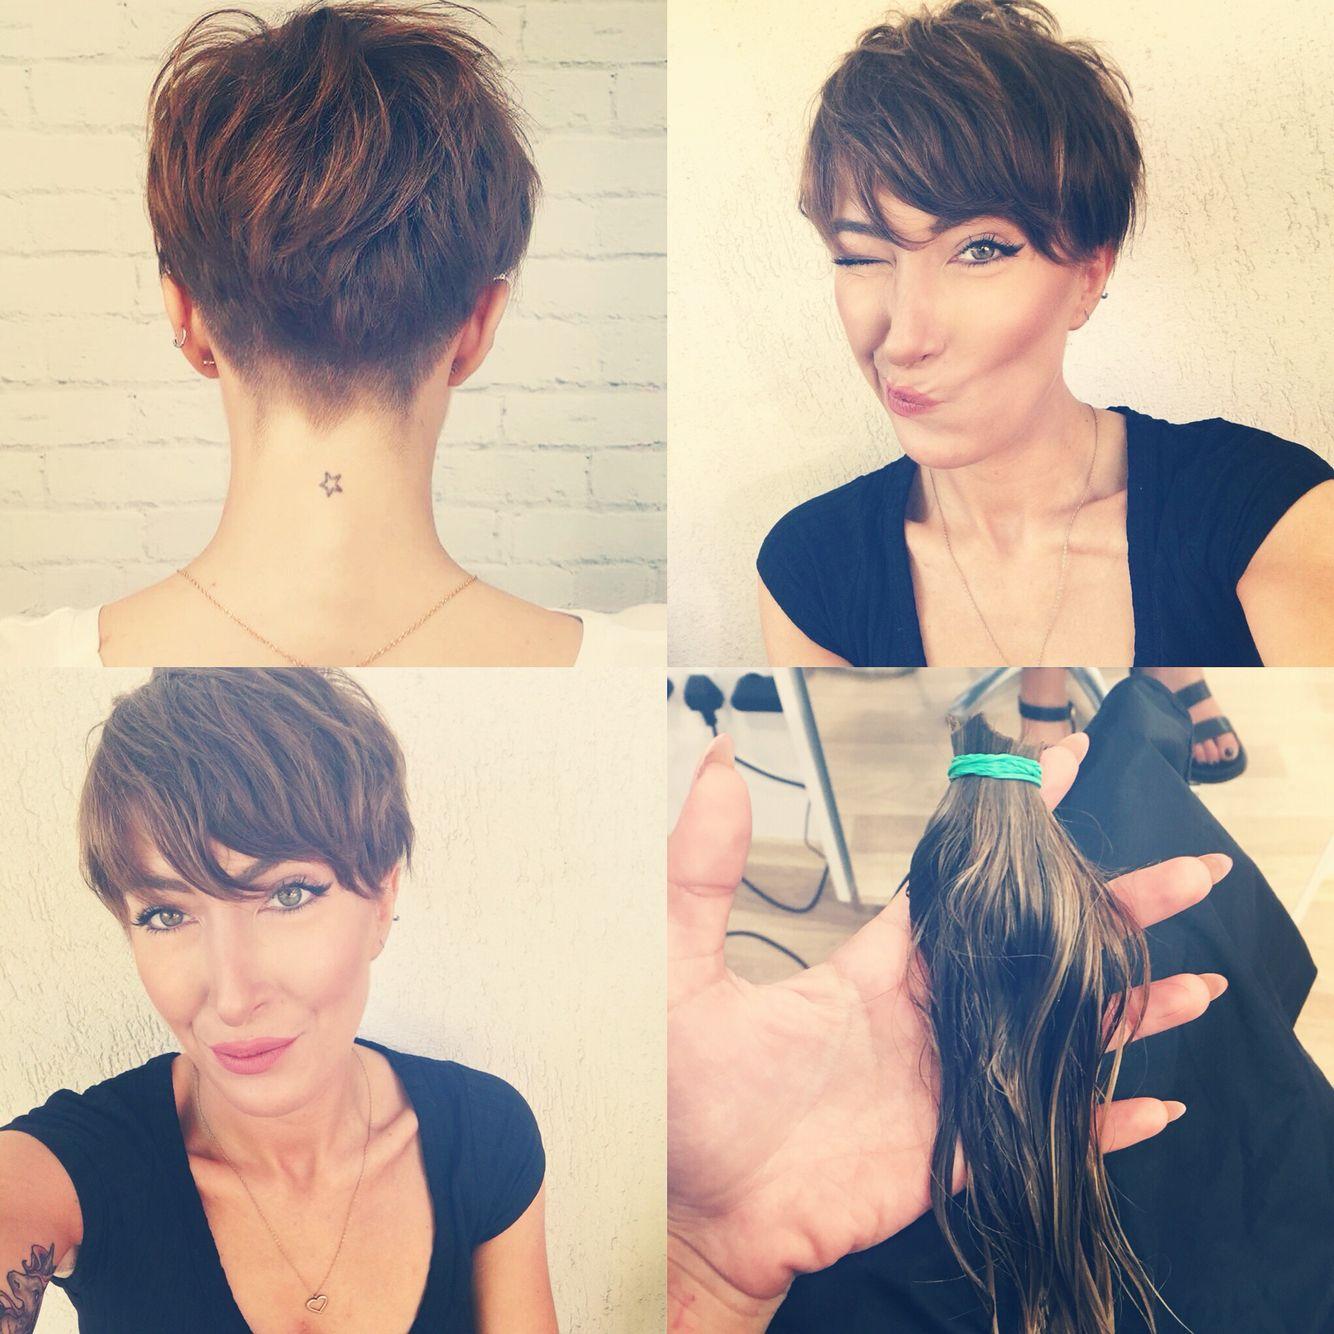 Short Pixie Haircut Hair Change Short Hair Dont Care Bowl Cut